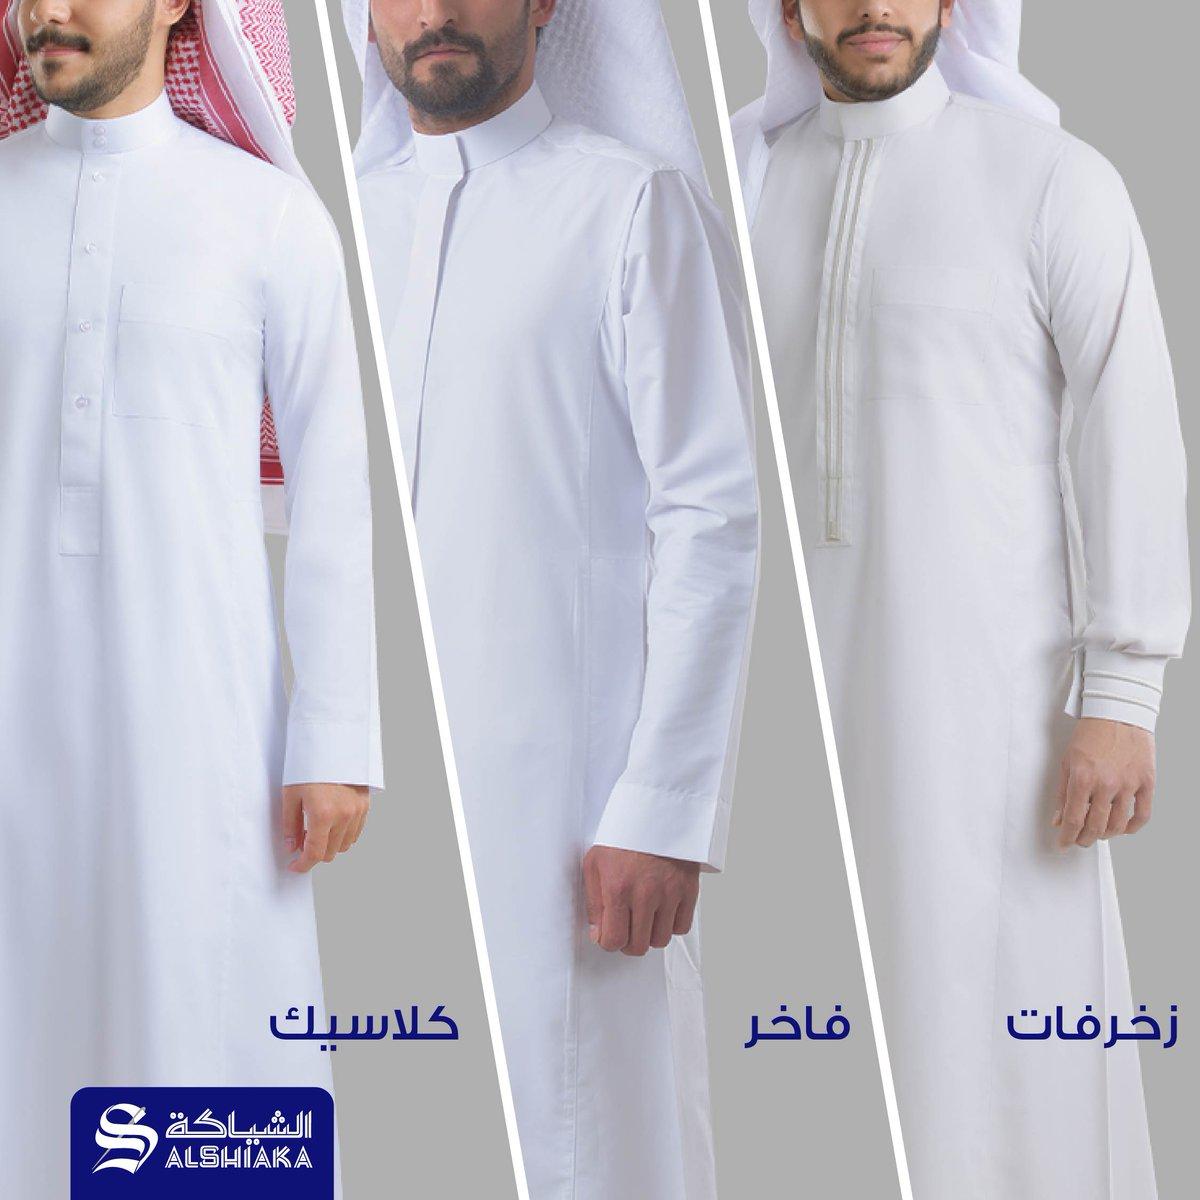 Alshiaka الشياكة Twitterissa أي ثوب تفضل تلبس في الصيف الشياكة